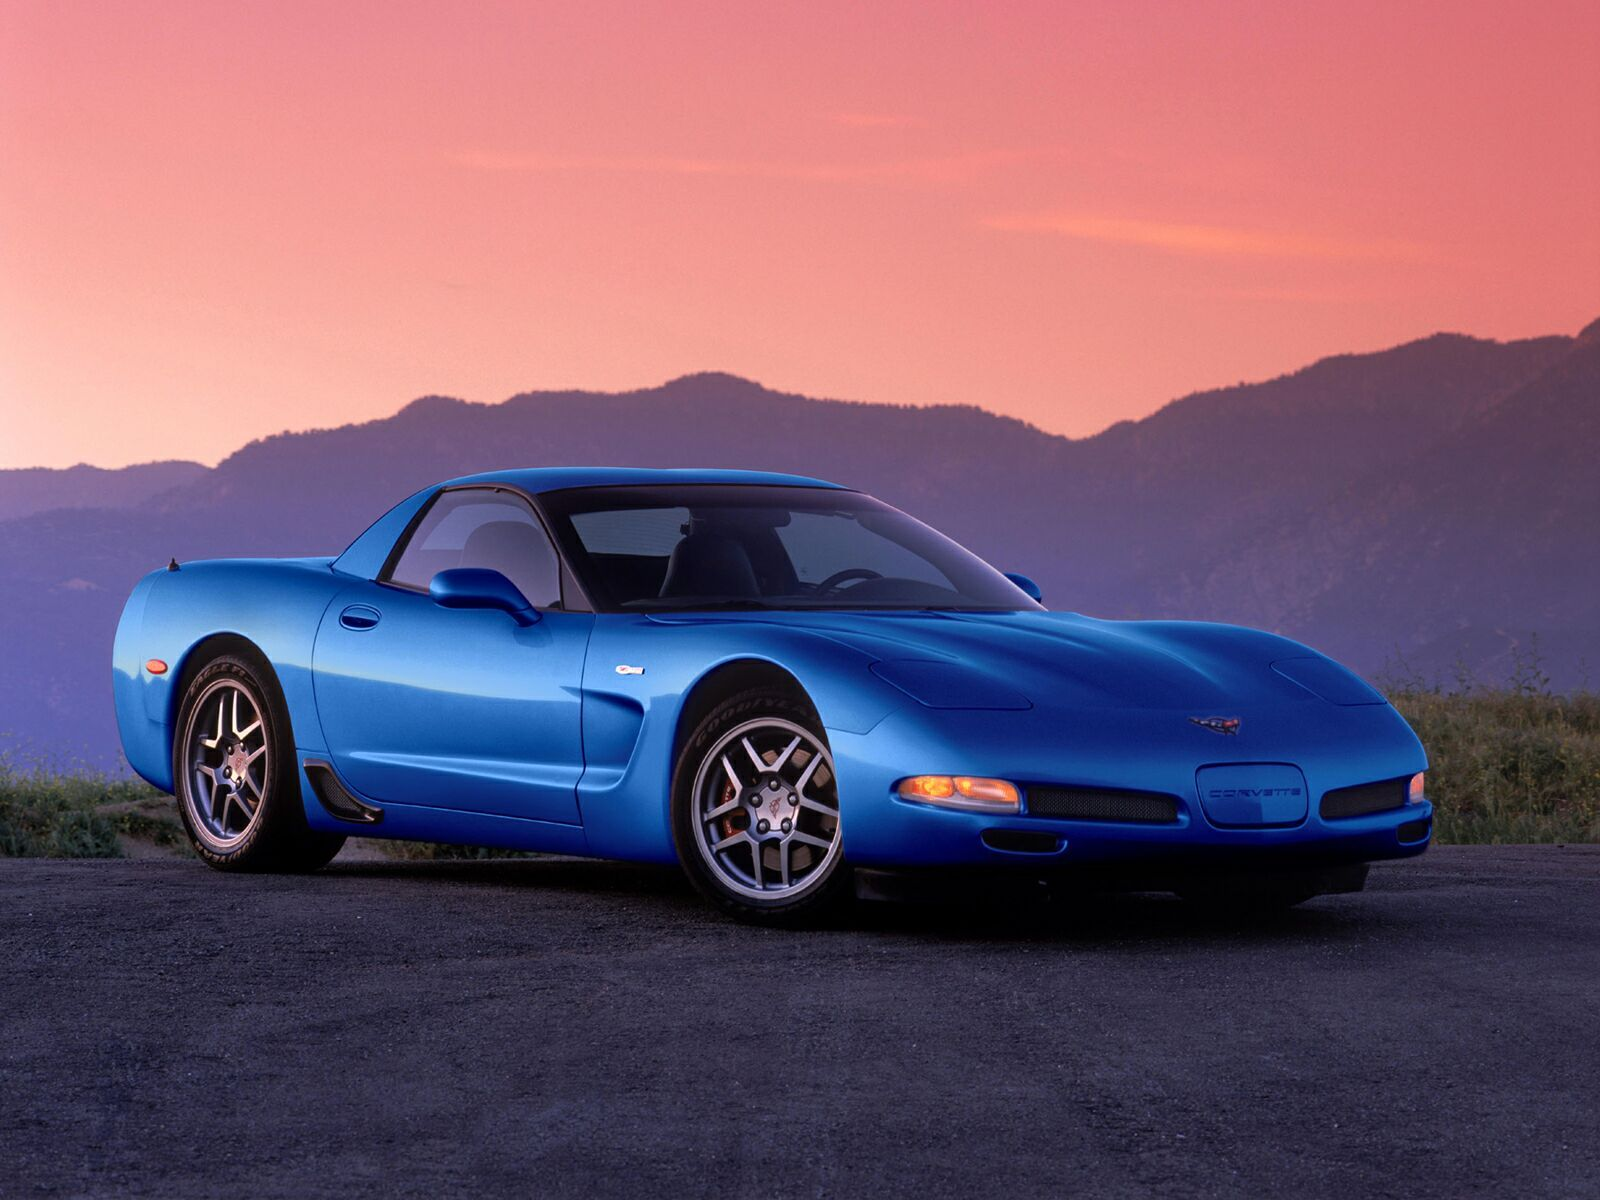 C5 Corvette Chevrolet Corvette Chevrolet Corvette Z06 Corvette